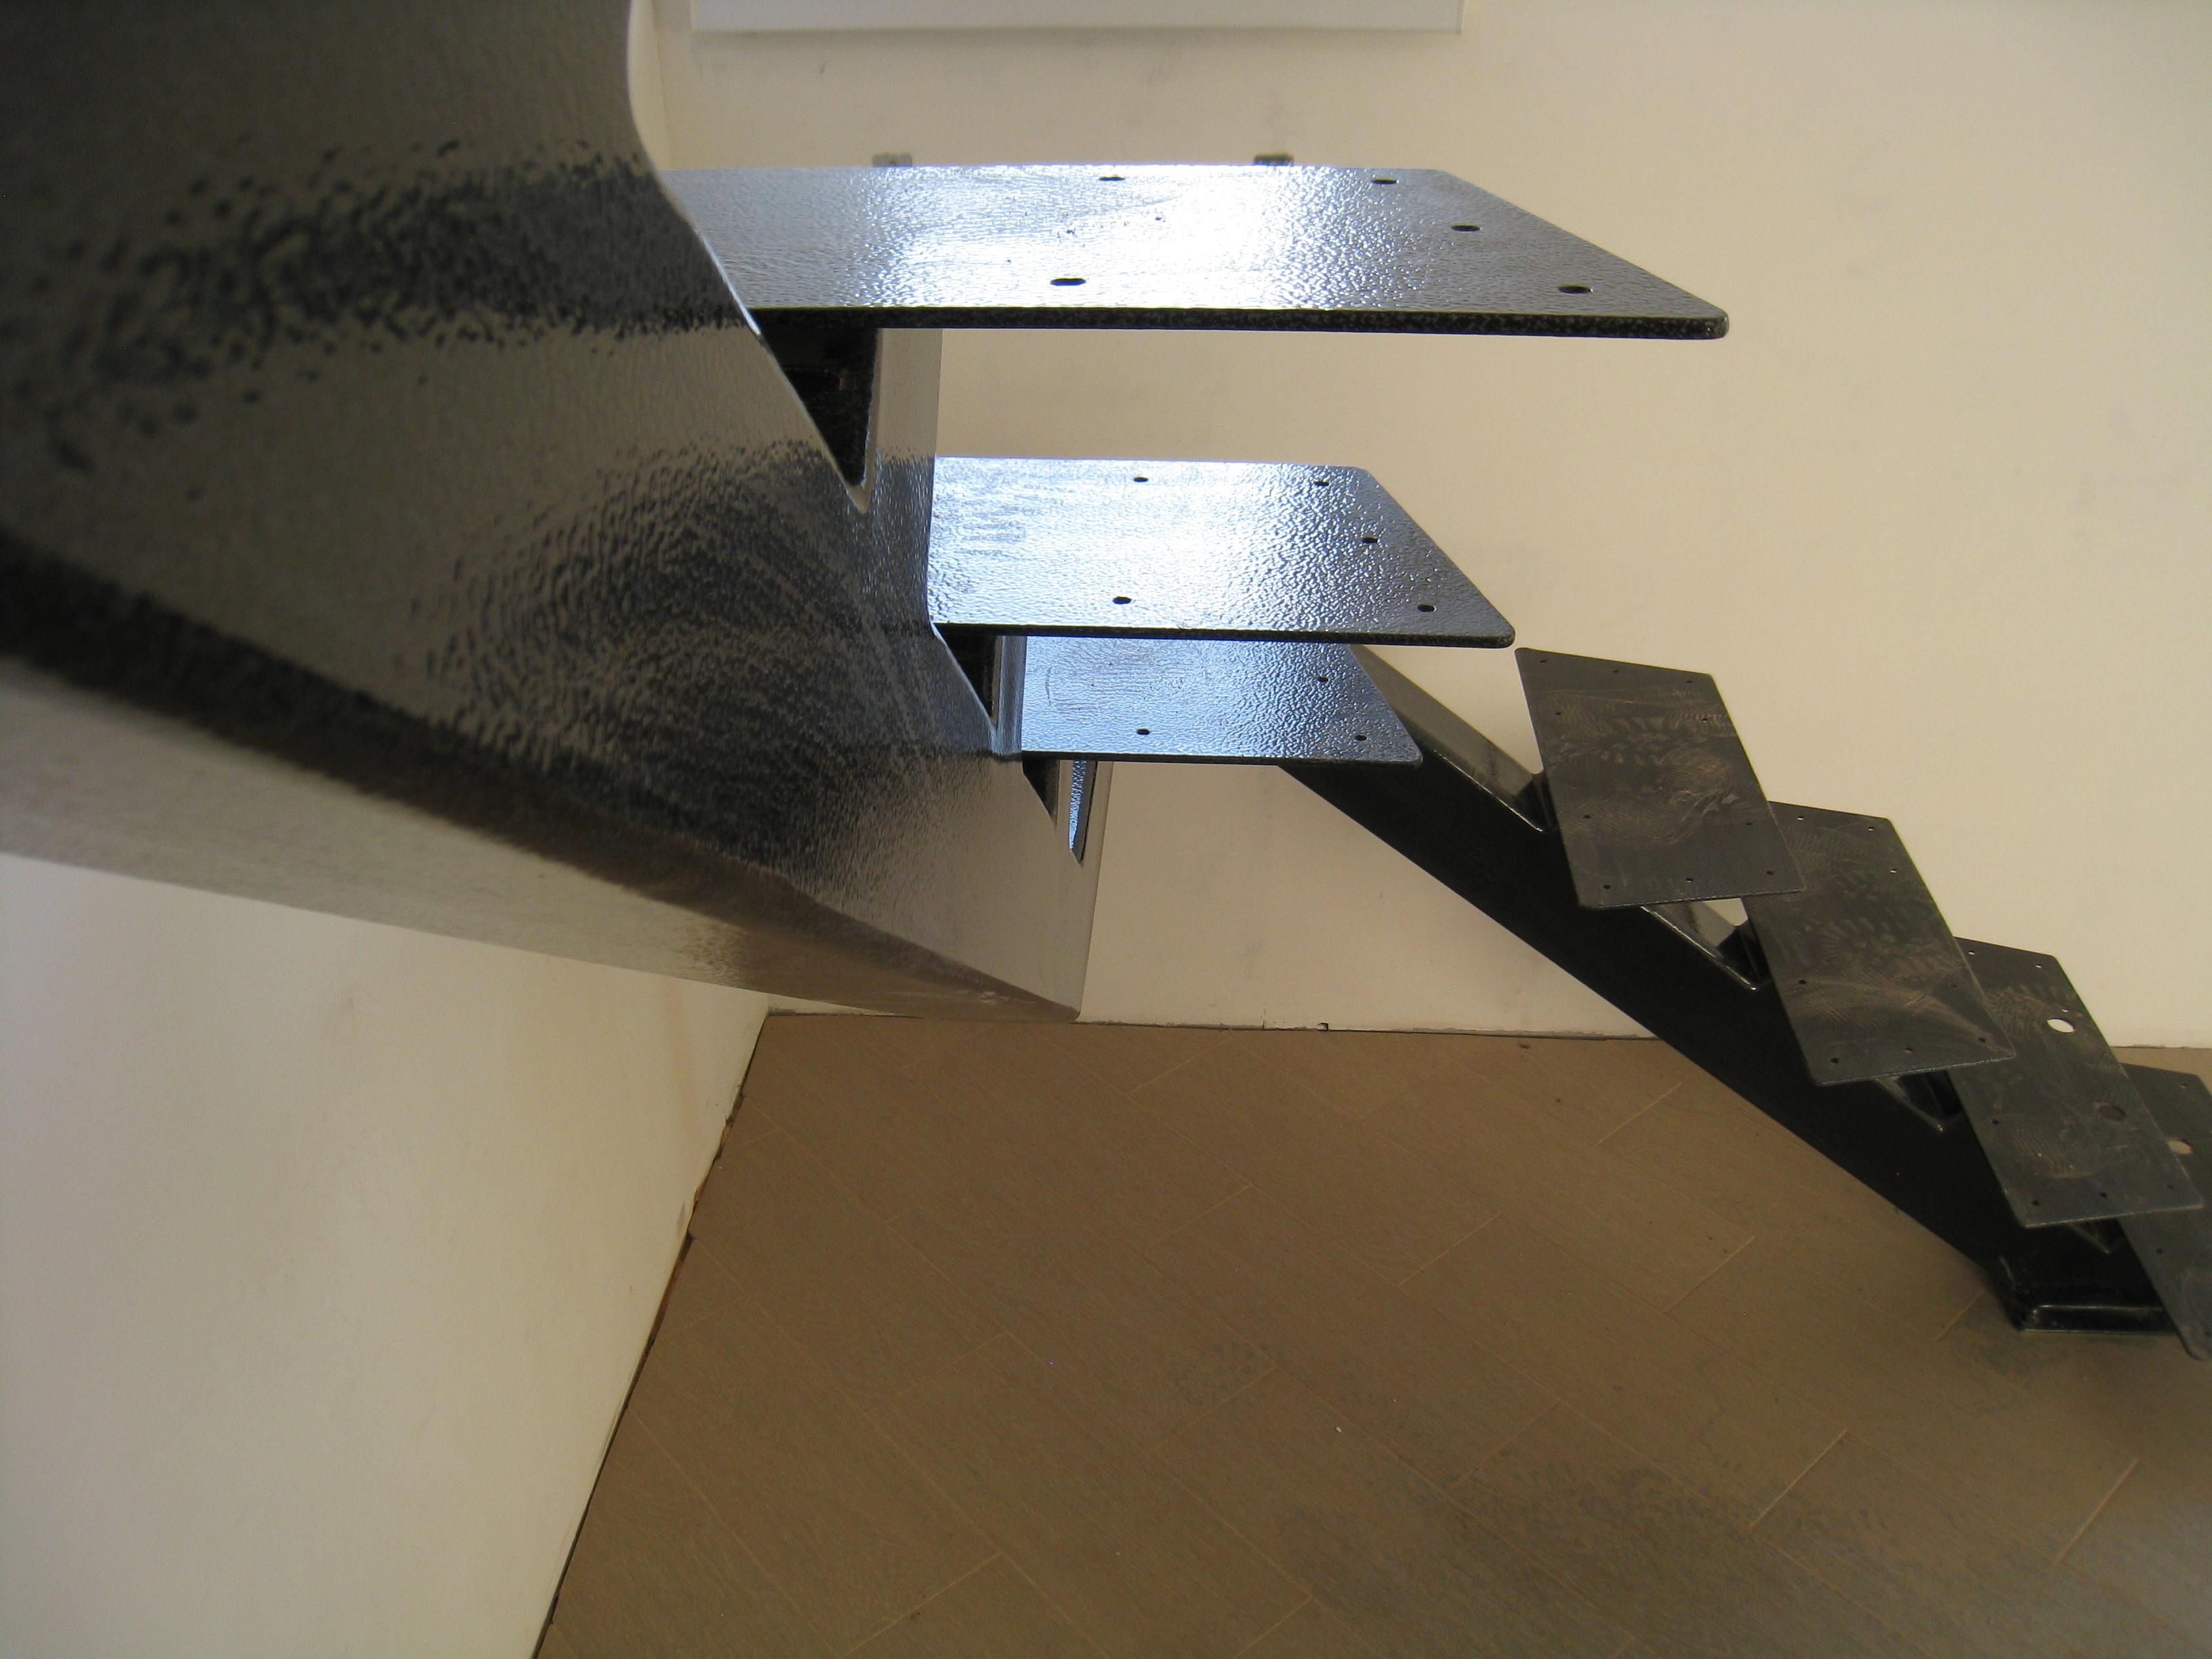 Центральный косоур для лестницы под заказ - 4